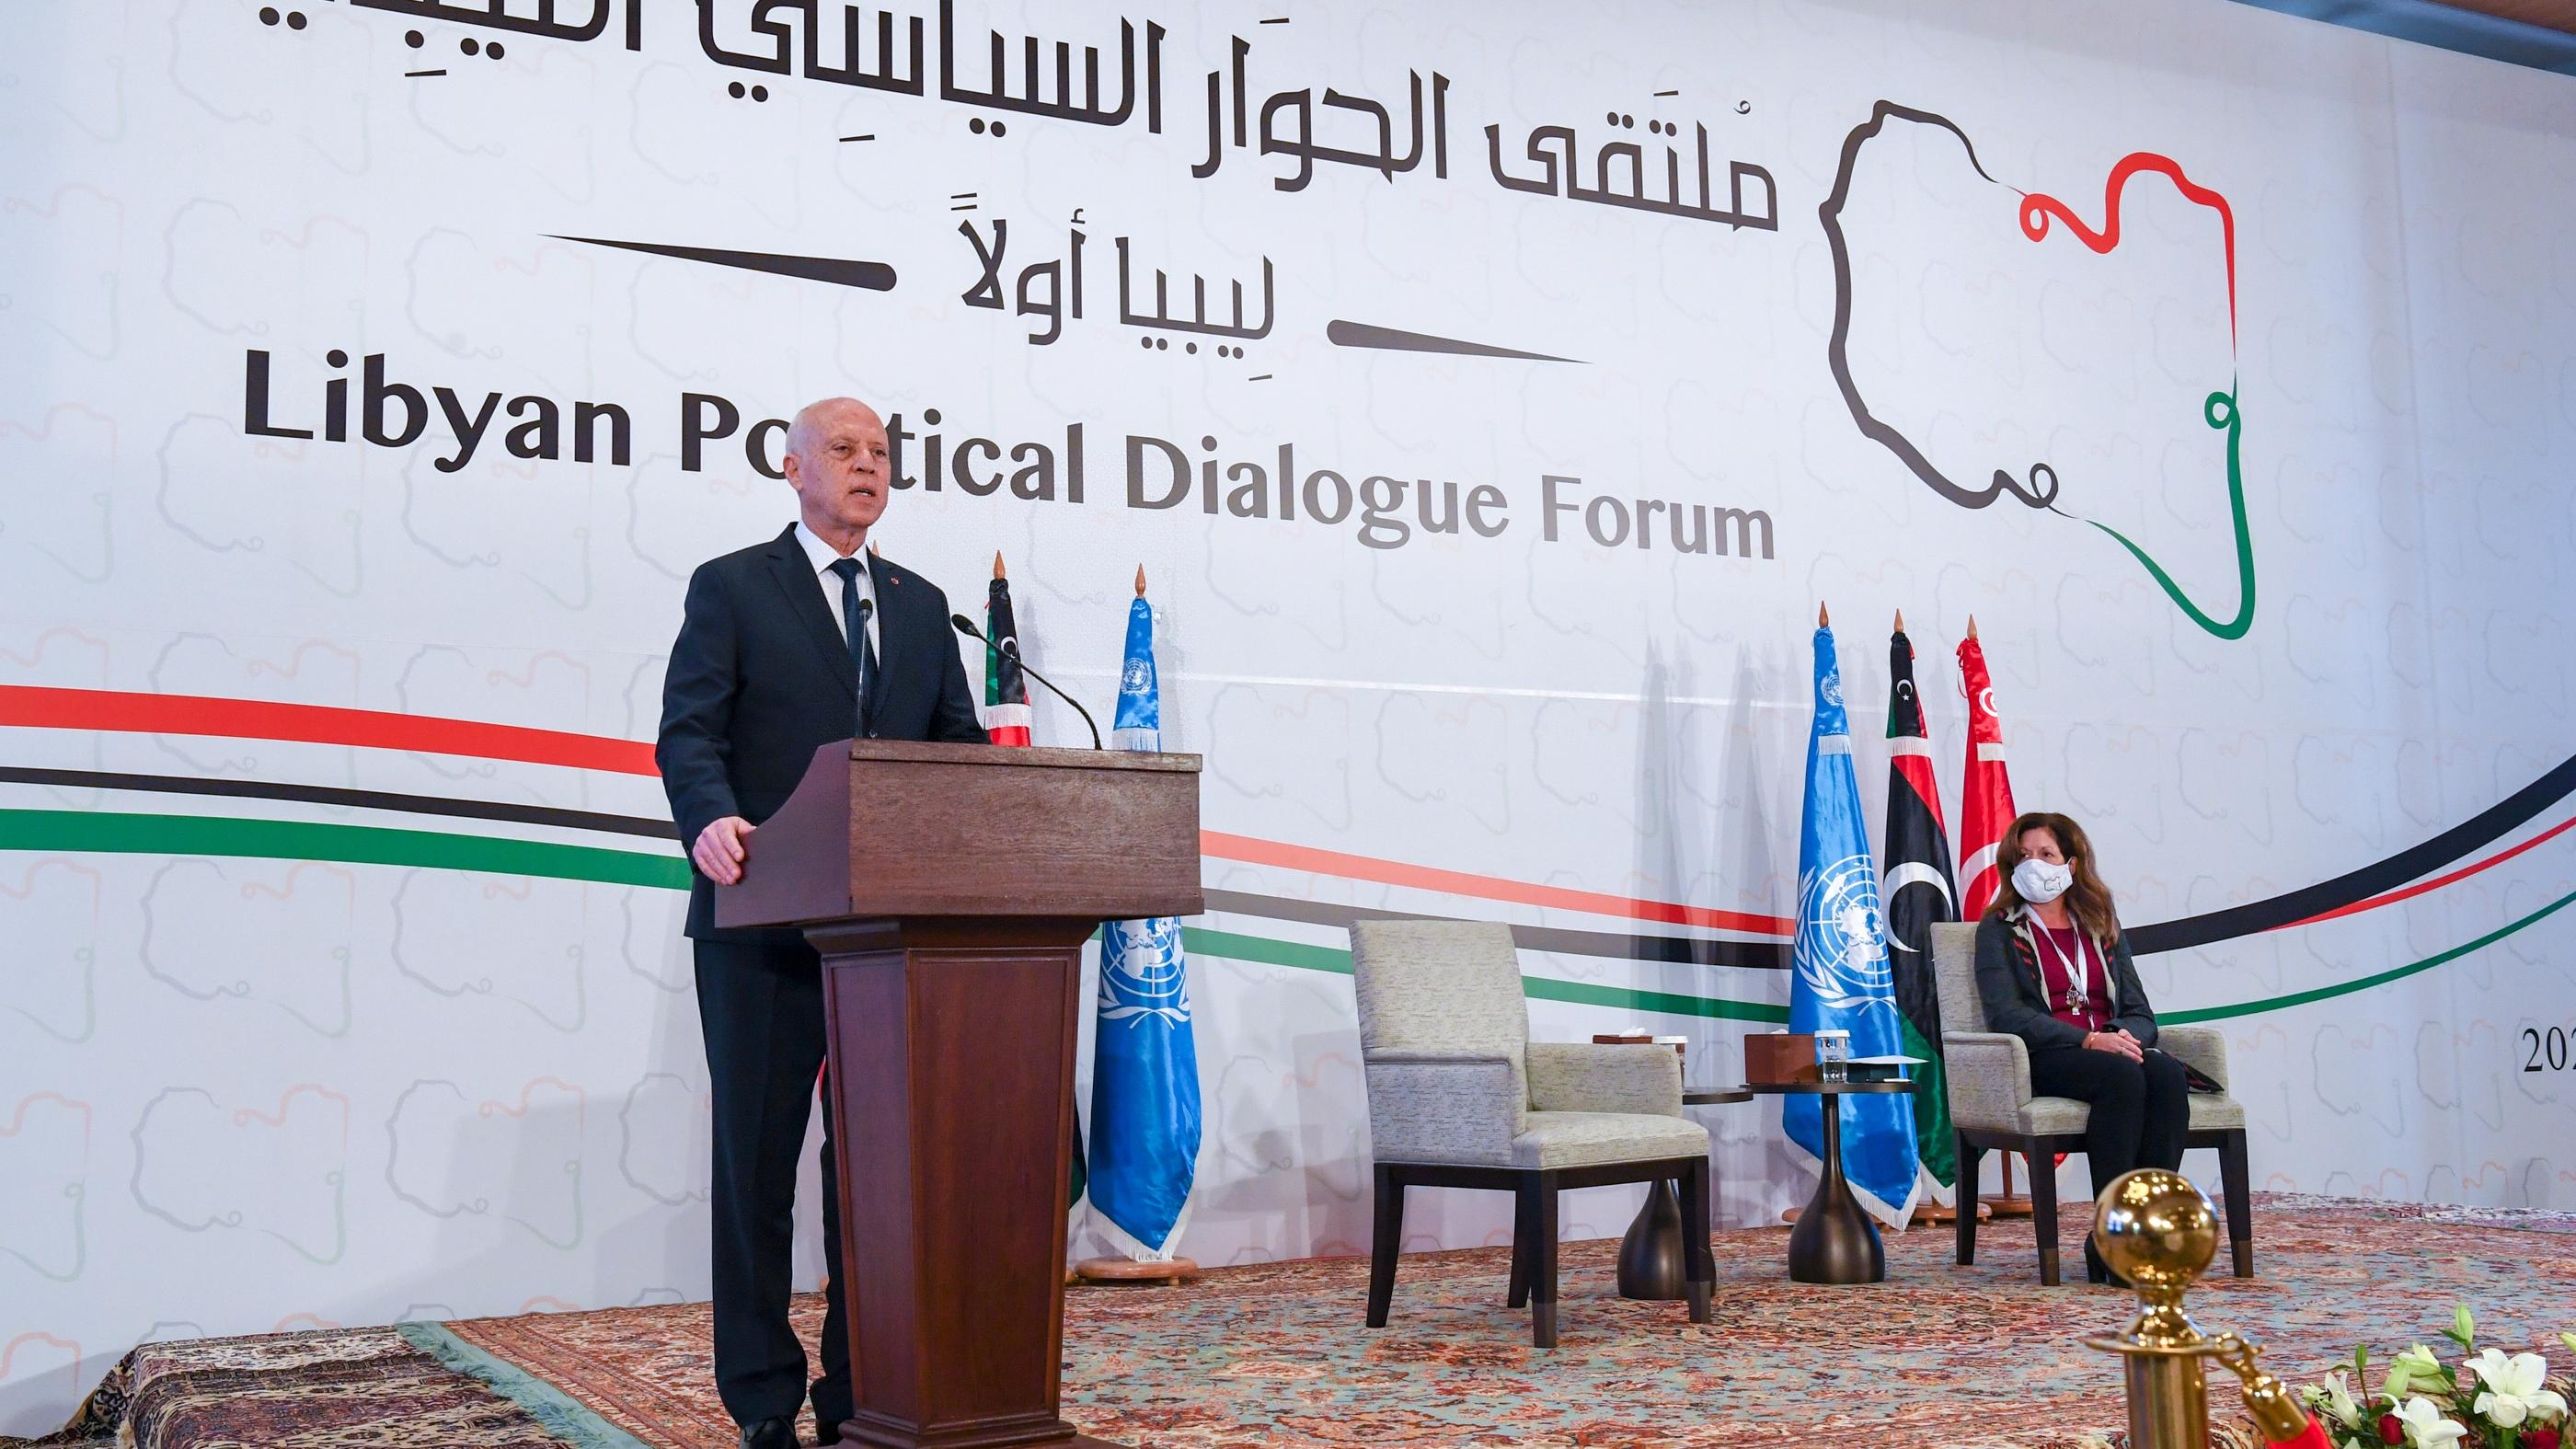 法媒:卡扎菲倒台后,利比亚更加混乱